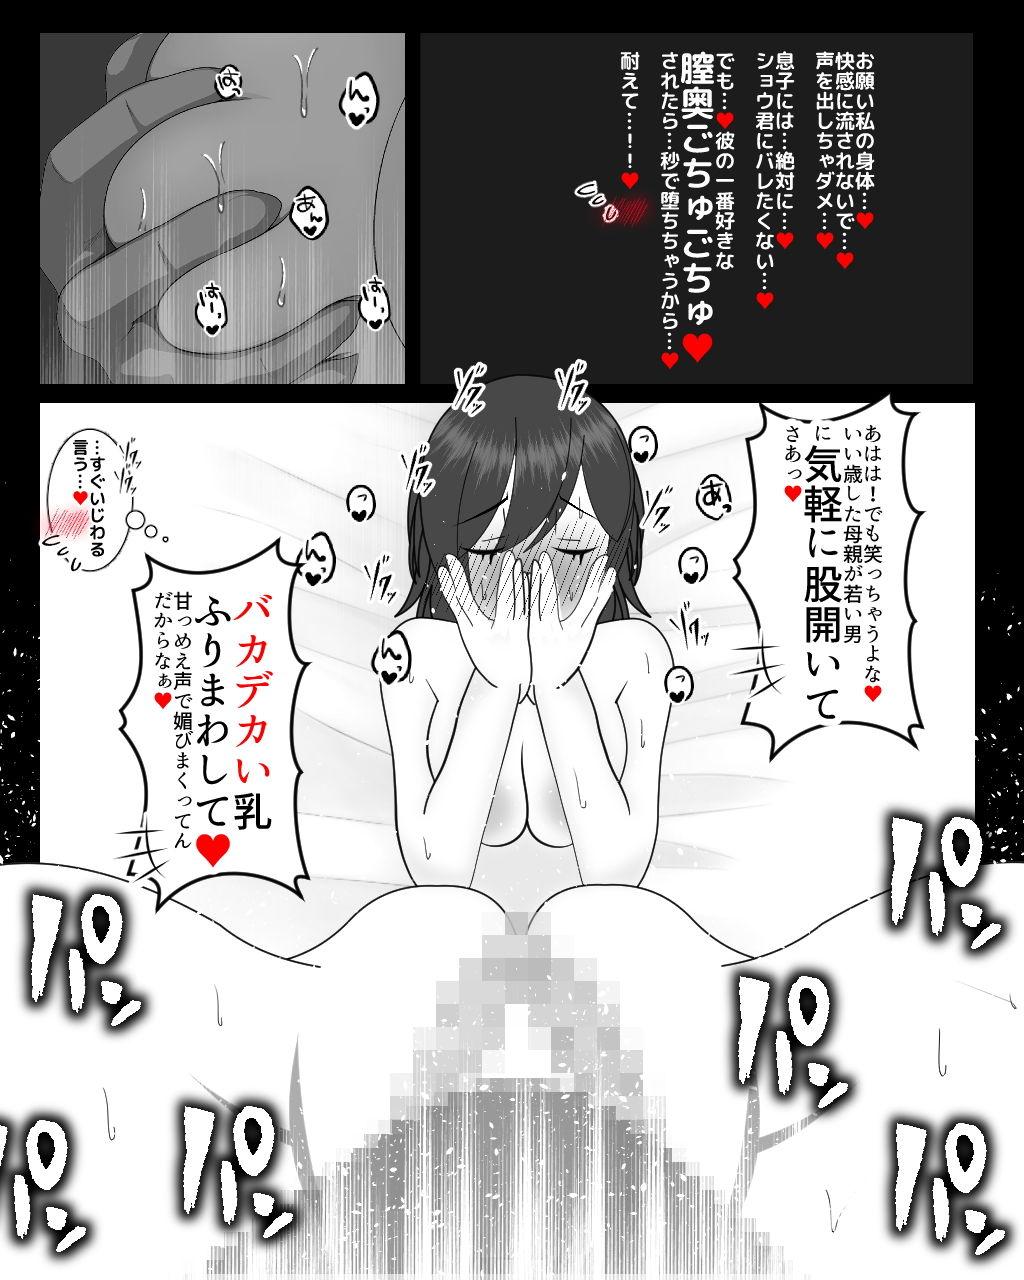 サンプル画像2:お母さんが、お持ち帰りしたイケメンにマゾコキ穴宣言しちゃう日(統計上の聖地) [d_188426]